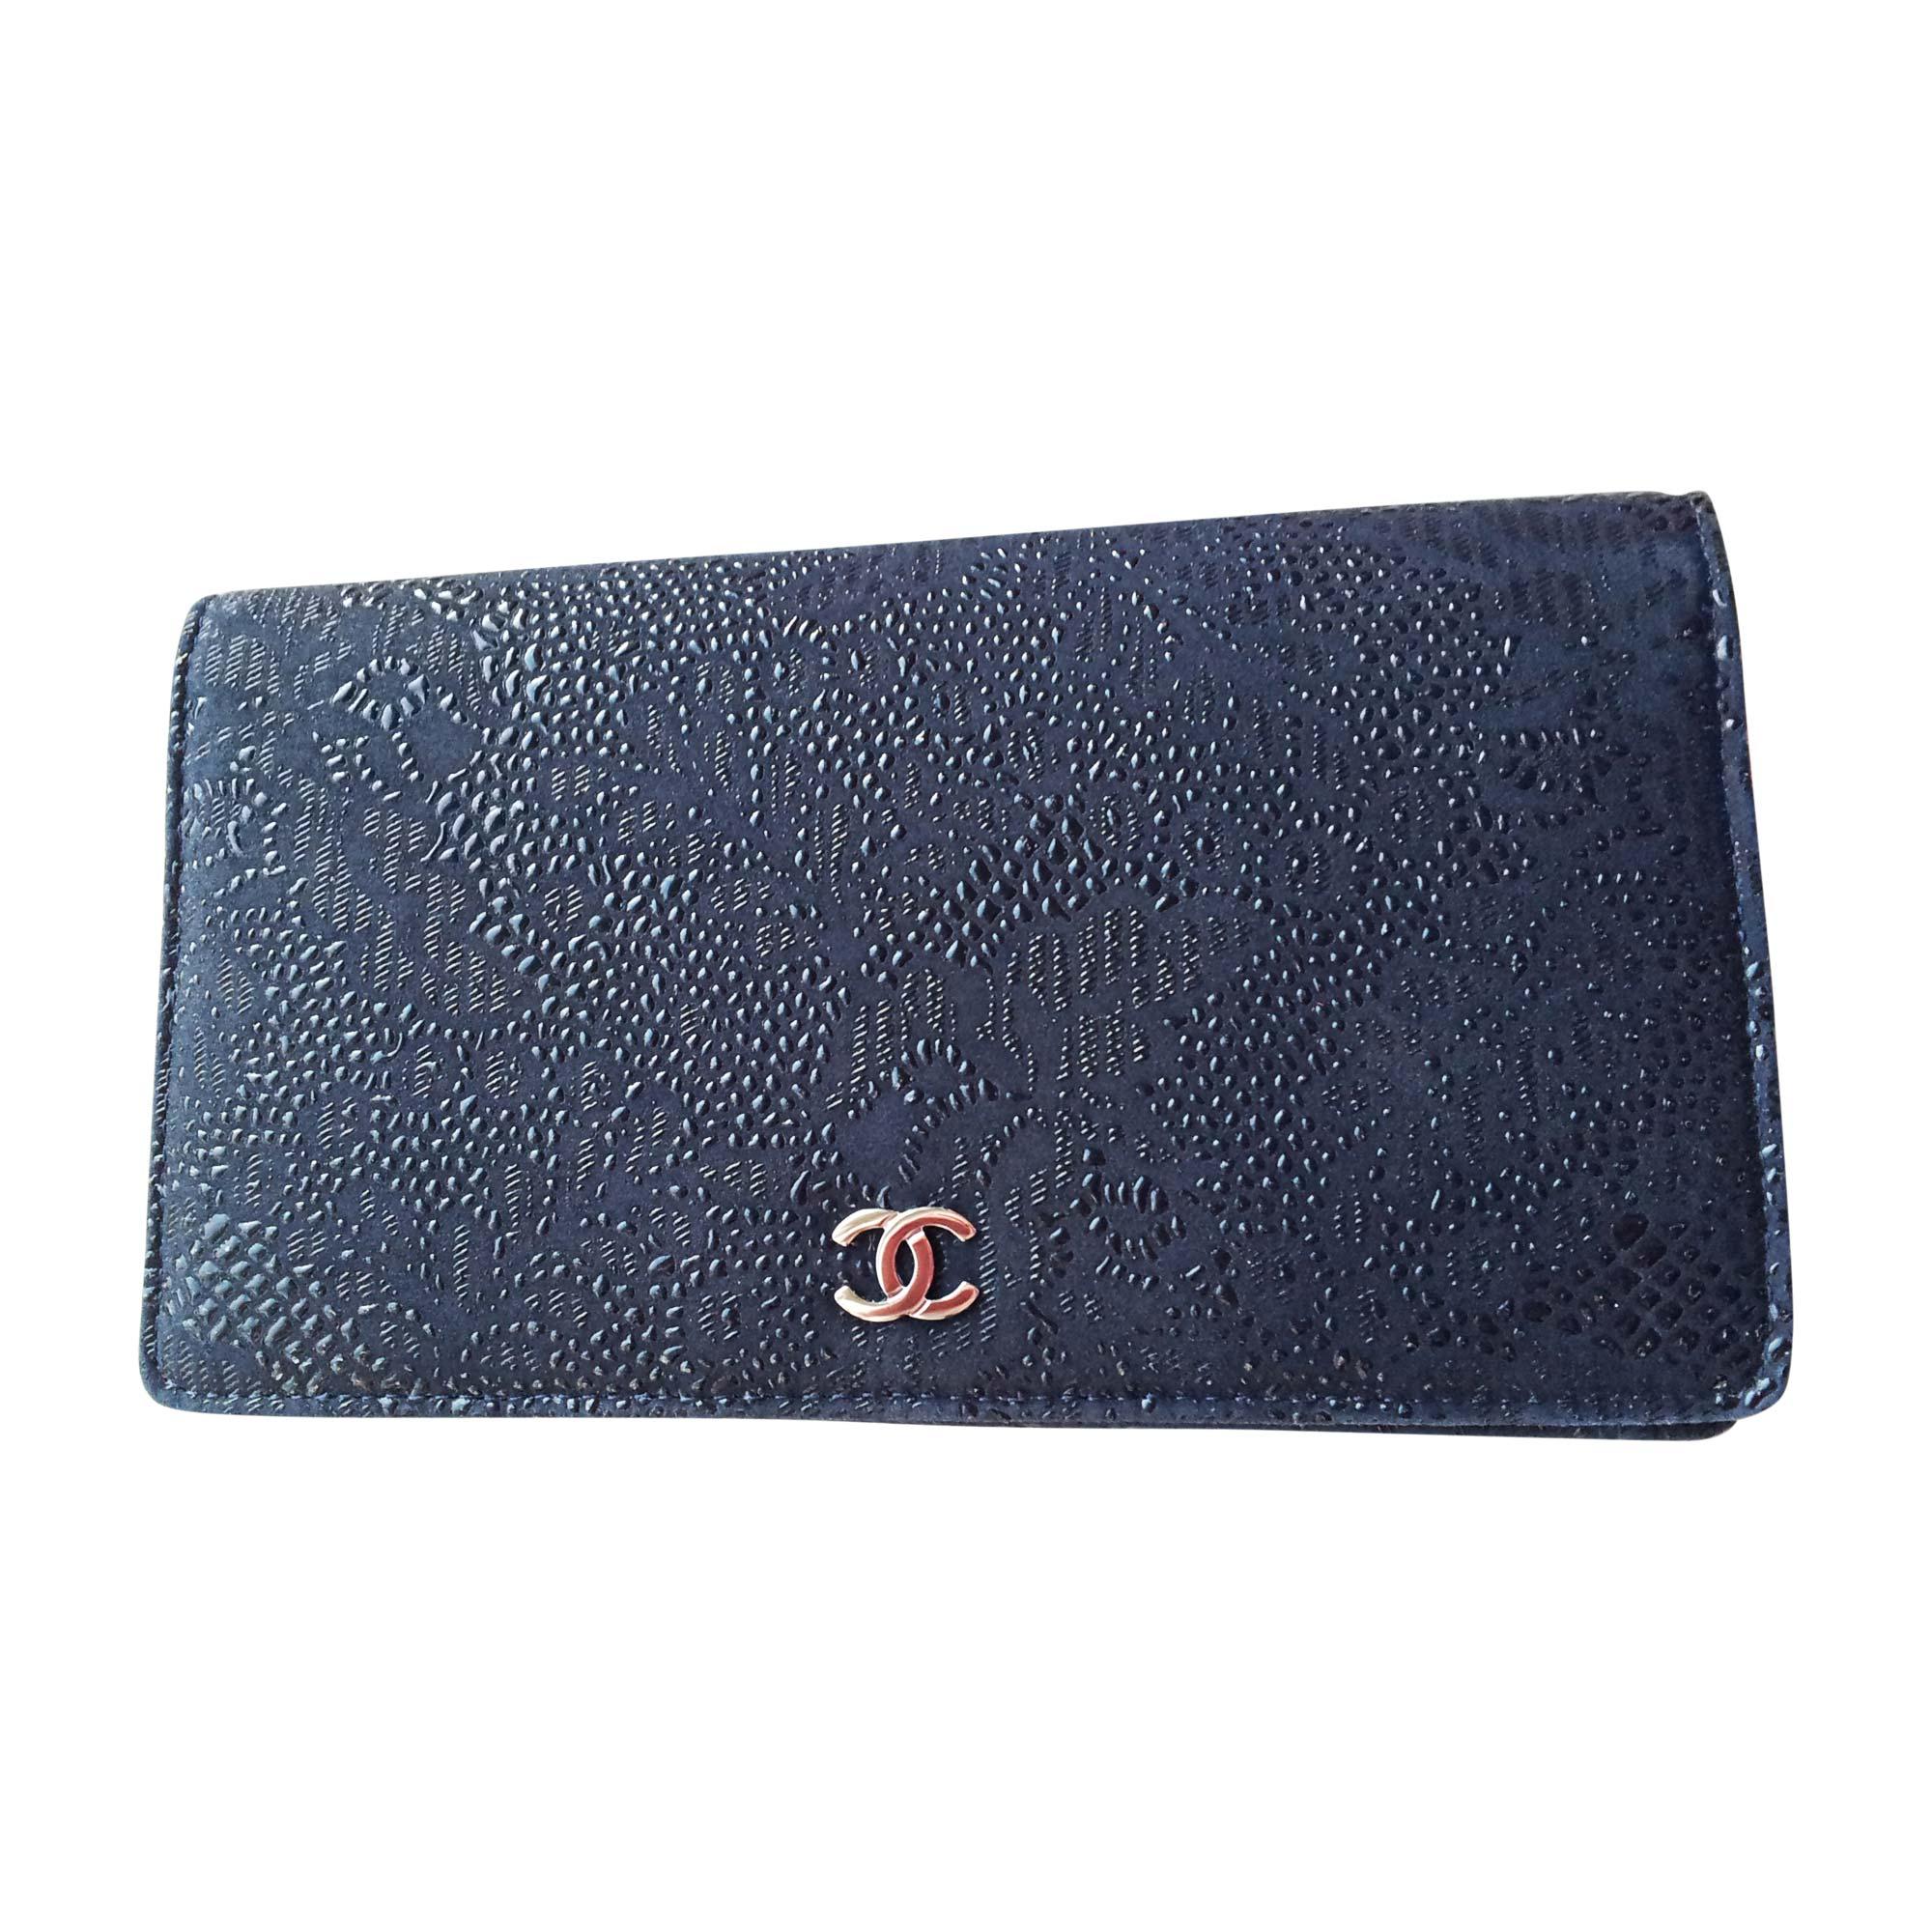 Portefeuille CHANEL Bleu, bleu marine, bleu turquoise 9d6f928b045